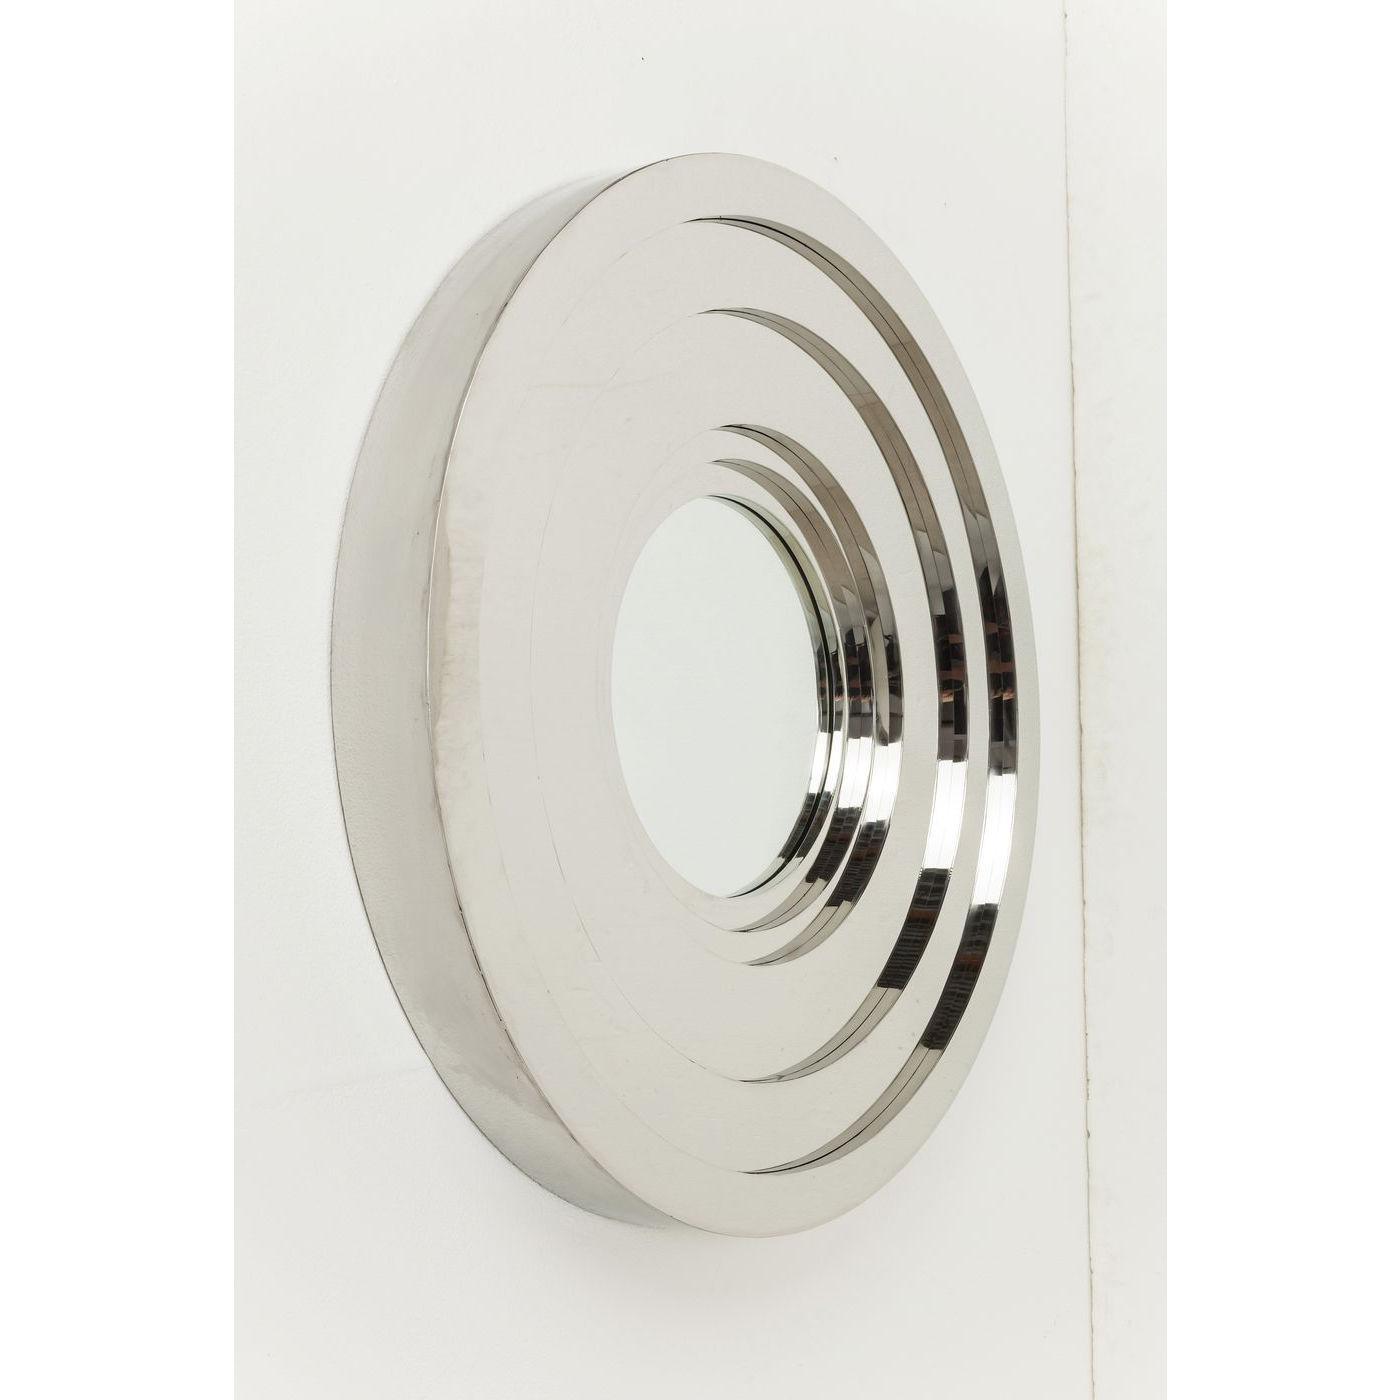 Billede af Kare Design Spejl, Steel Step Silver Round